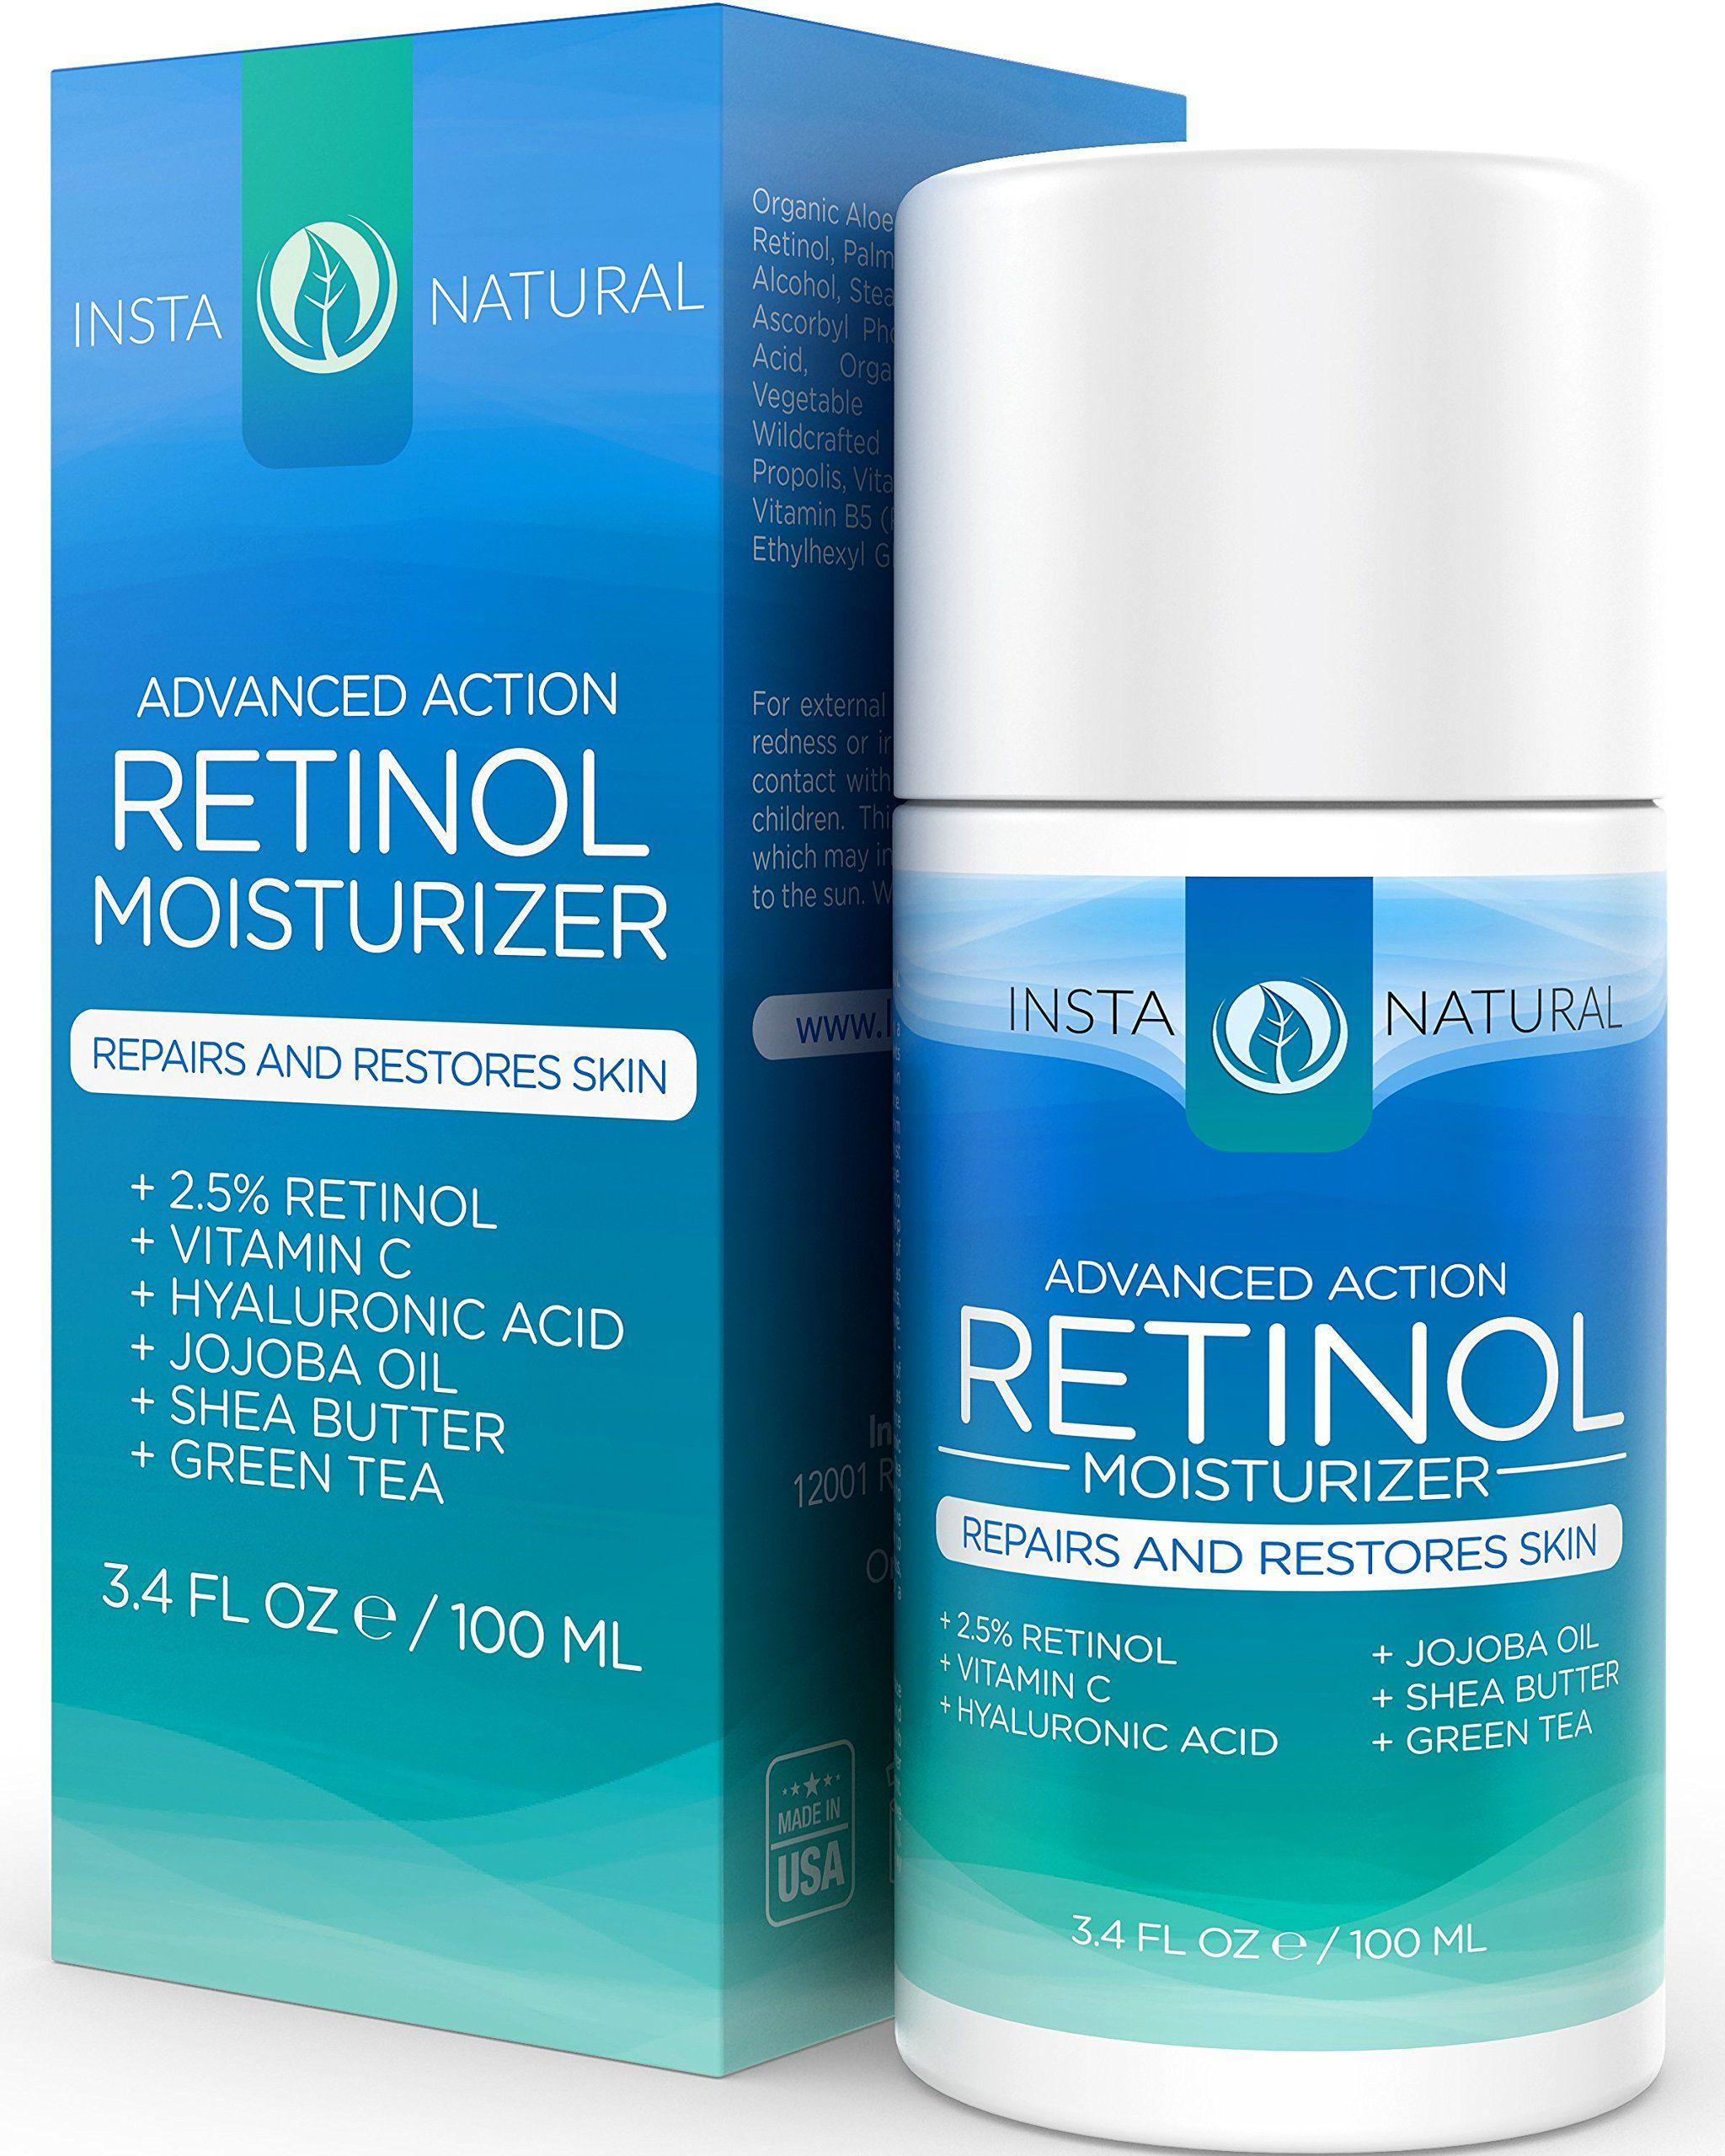 Facial moisturizers with retinol